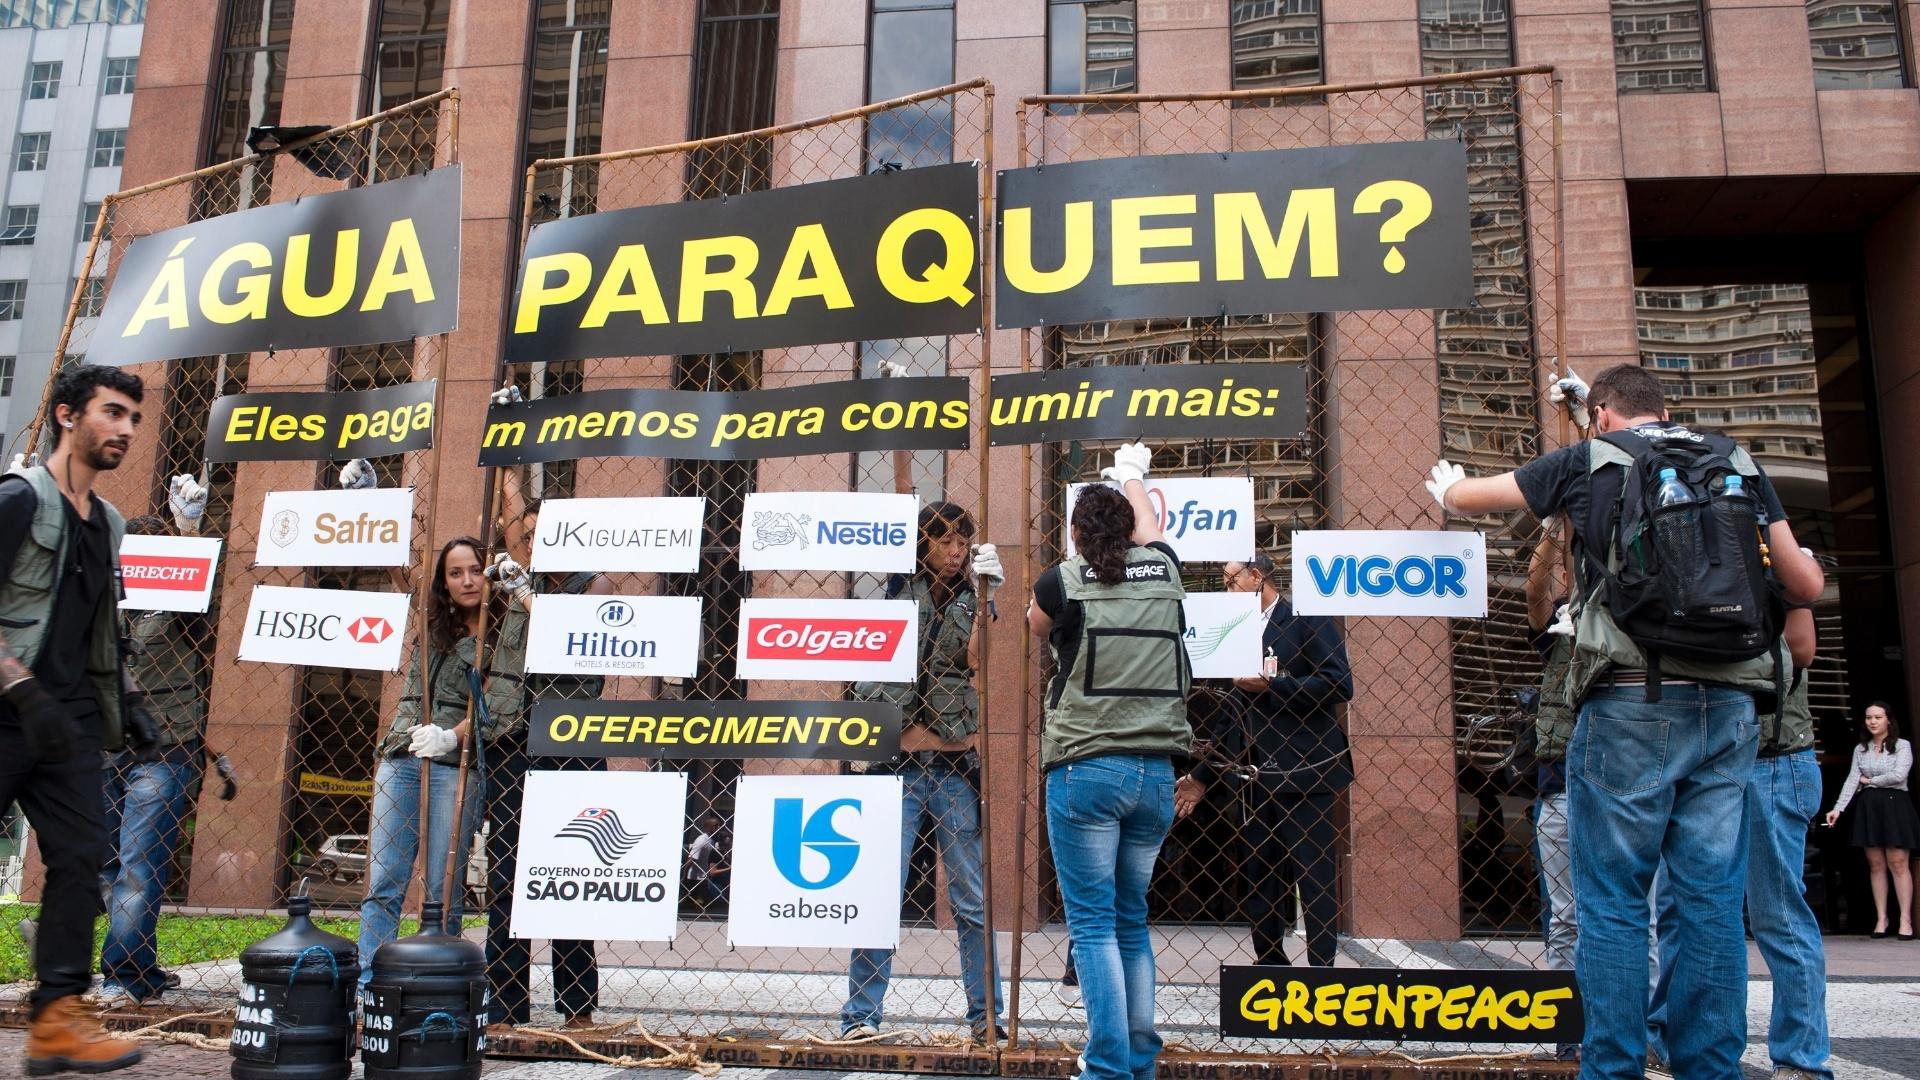 20.mar.2015 - Ativistas do Greenpeace promovem ato na avenida Paulista, na zona sul de São Paulo, contra os descontos que a Sabesp dá para as empresas que são grandes consumidores de água, enquanto a população sofre com a escassez no fornecimento